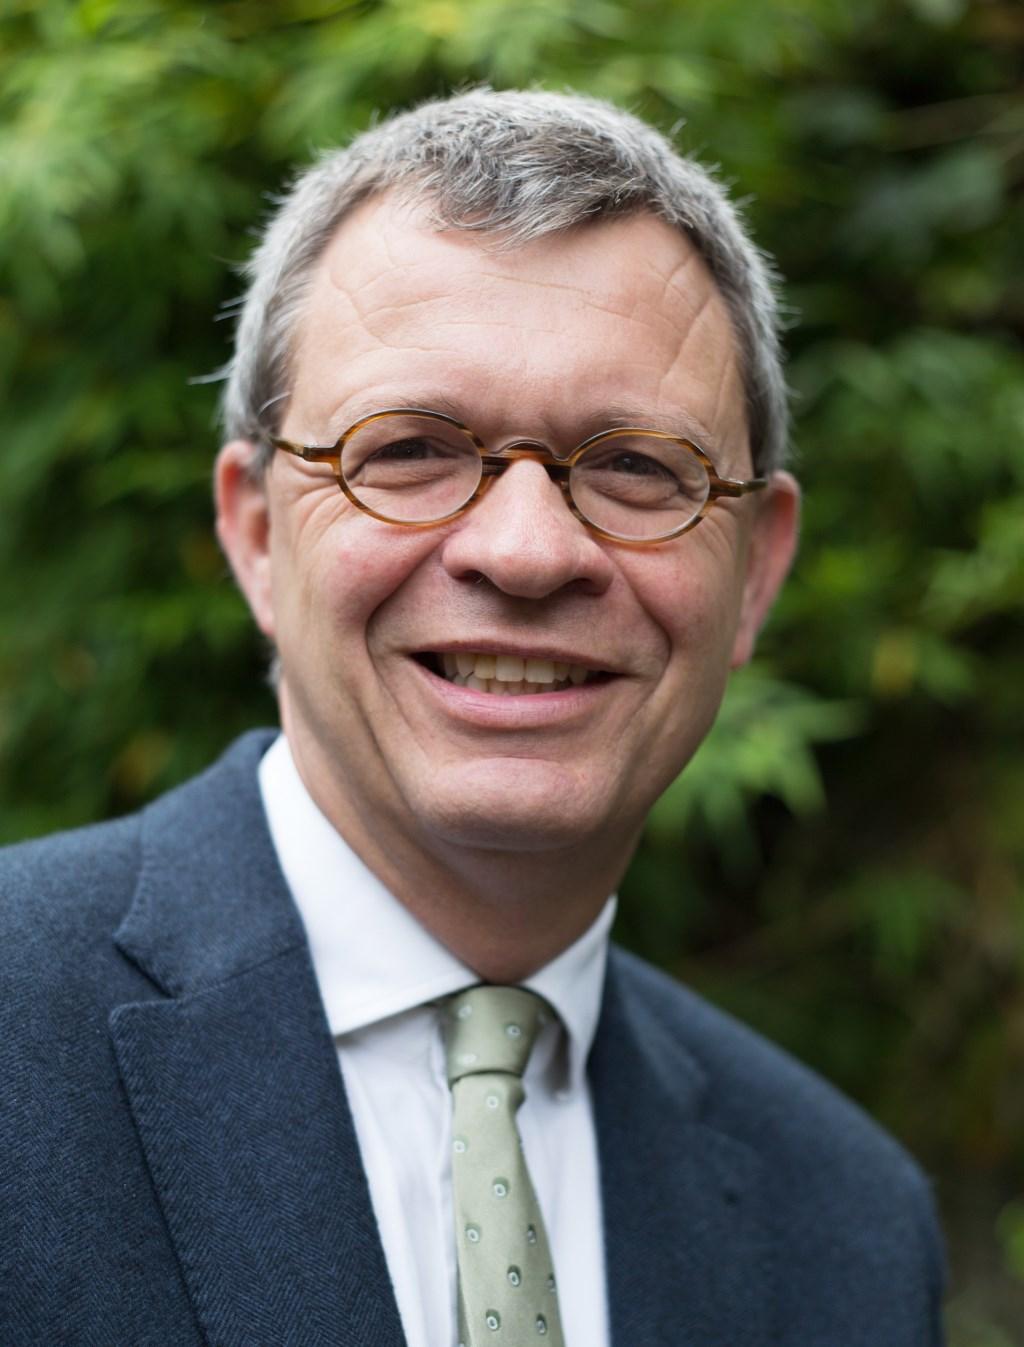 Tijdelijk opvolger Theo Stubbé heeft jarenlange advies- en interim ervaring op het gebied van bestuur en toezicht; zowel in de volkshuisvesting als in de sectoren welzijn, zorg en onderwijs. Foto: Bert Koning © De Vierklank